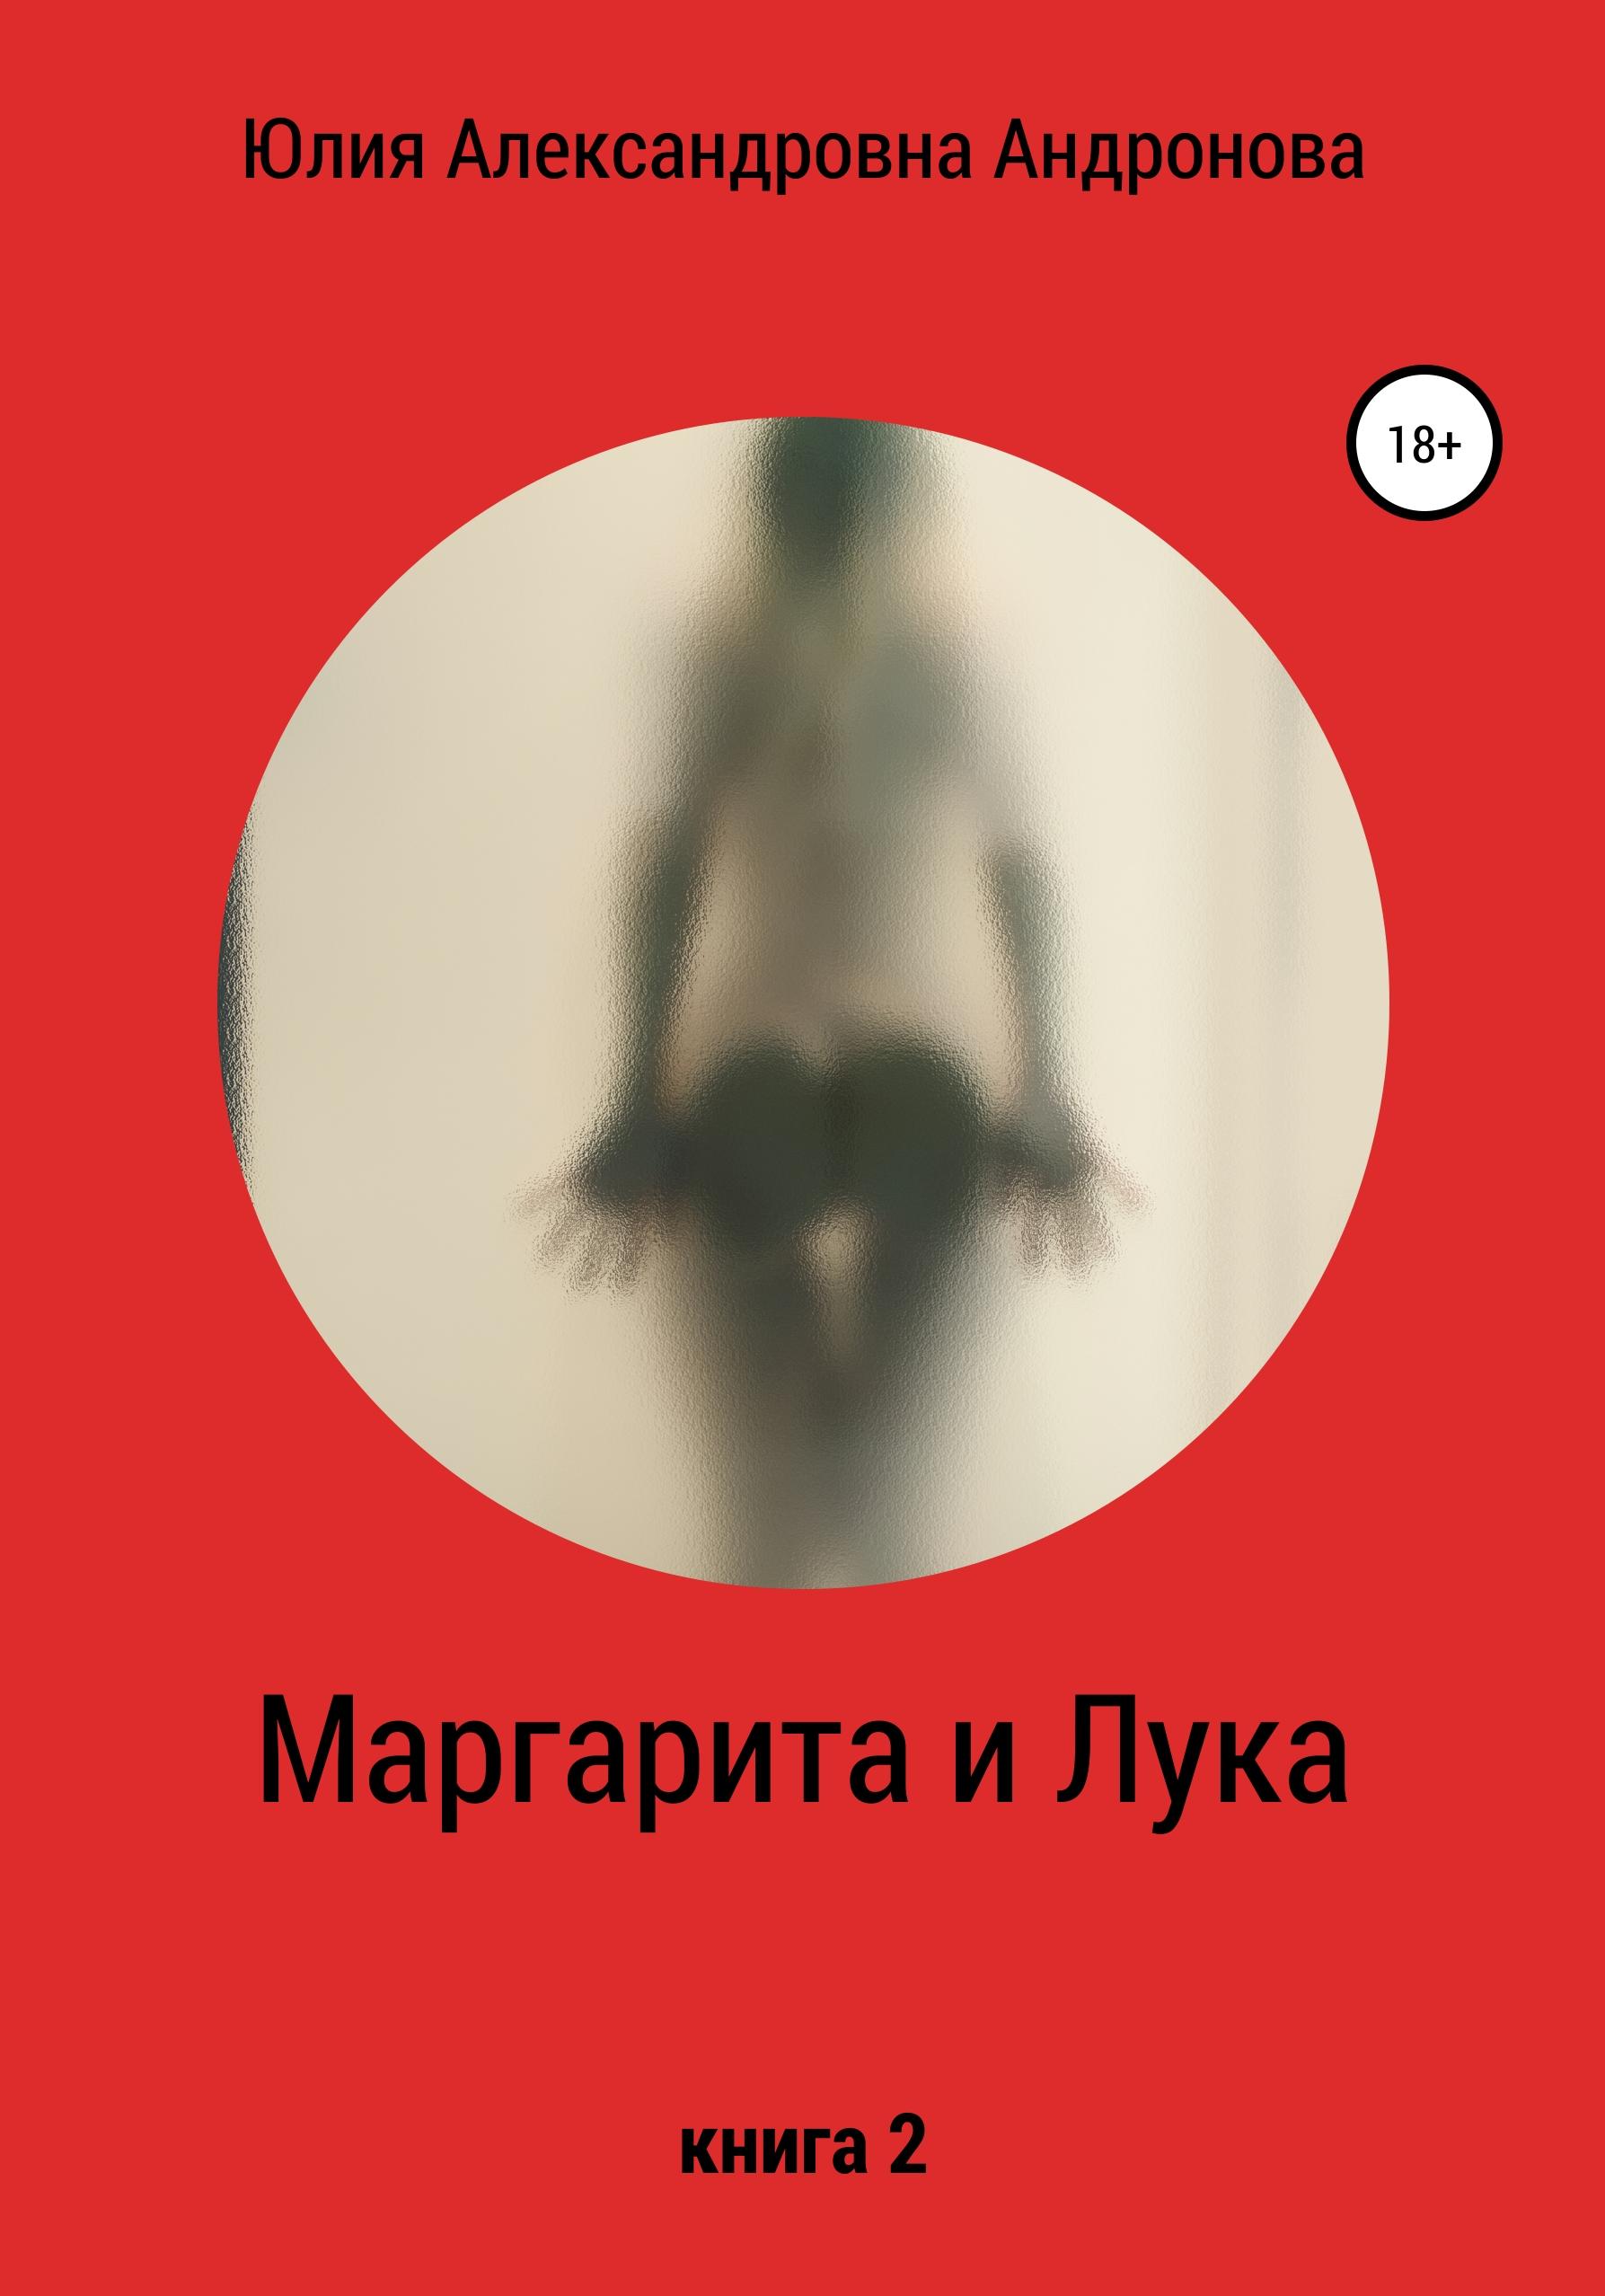 Юлия Александровна Андронова Маргарита и Лука. Книга 2 маргарита солодкова мгновения страсти